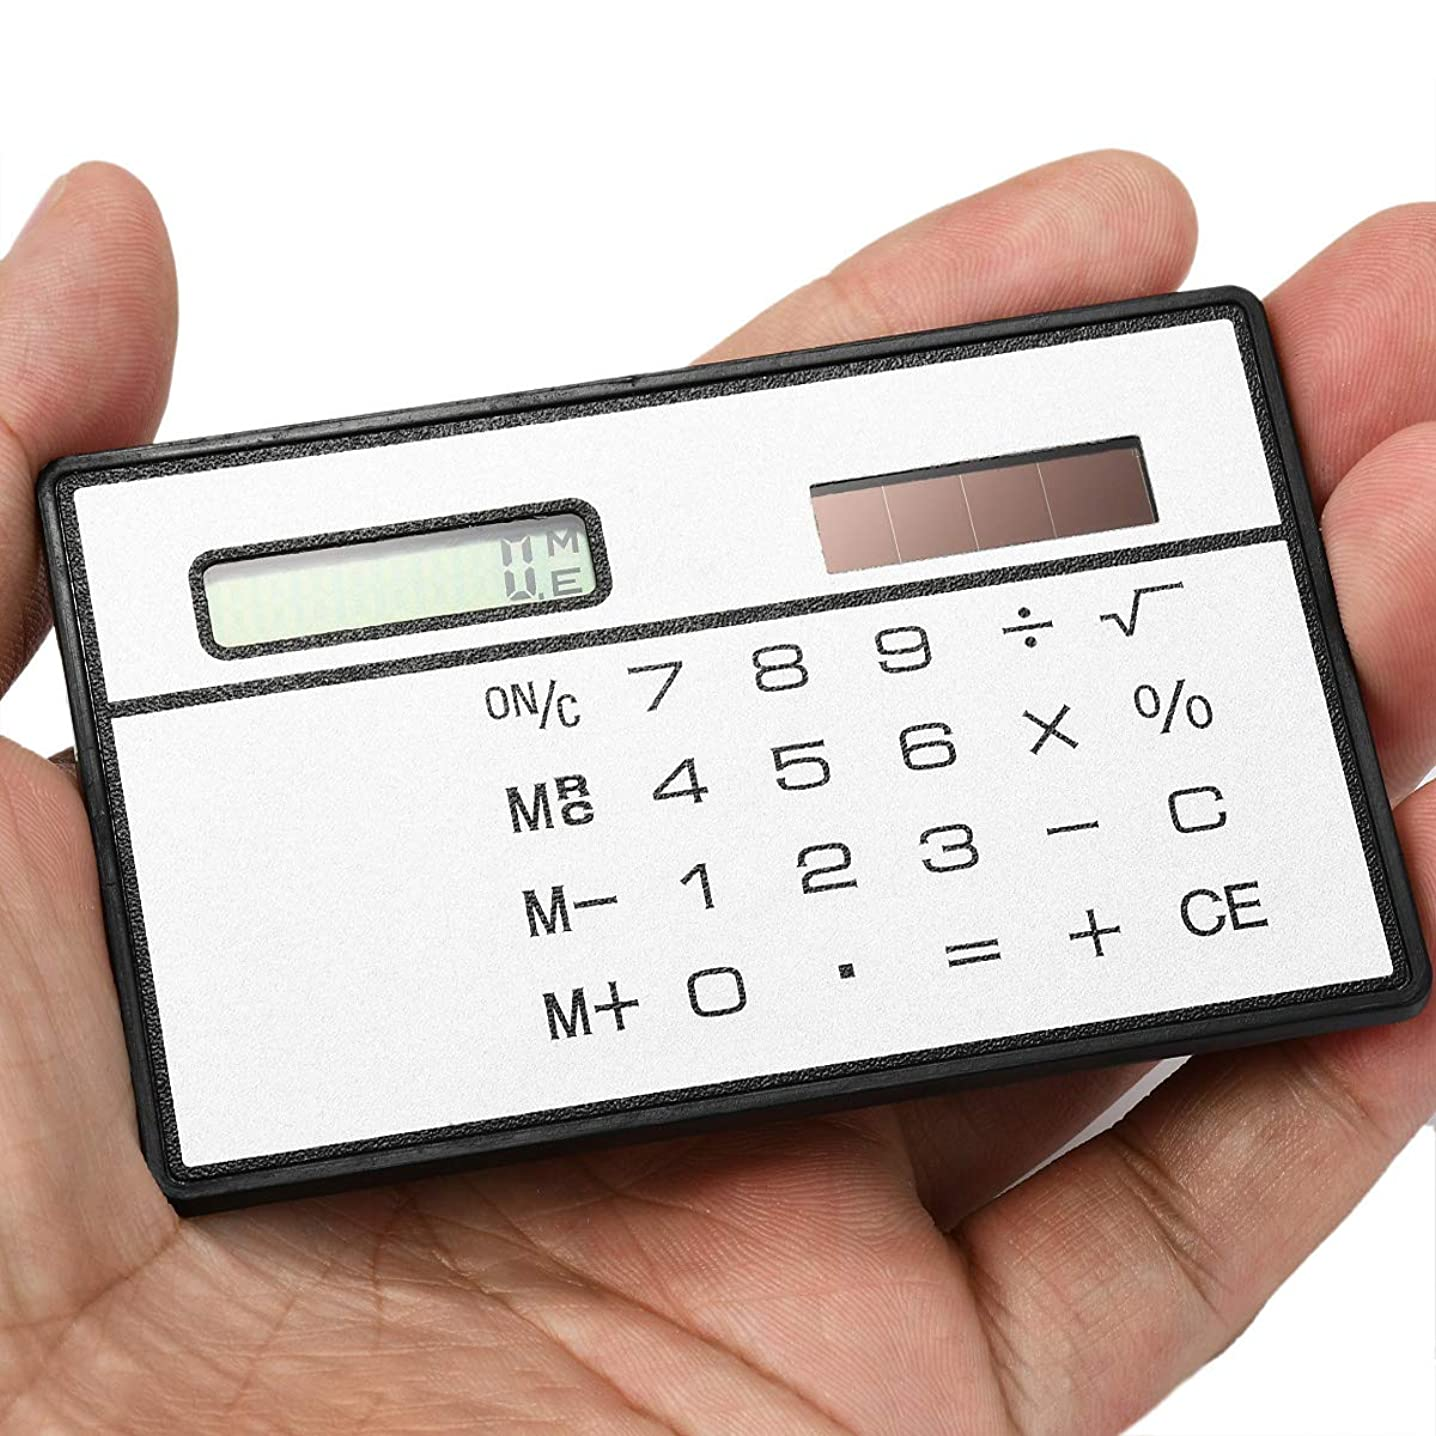 絶滅麻痺練習したZhaozhe電卓 計算機 ソーラー電卓 超薄型 8桁 コンパクト